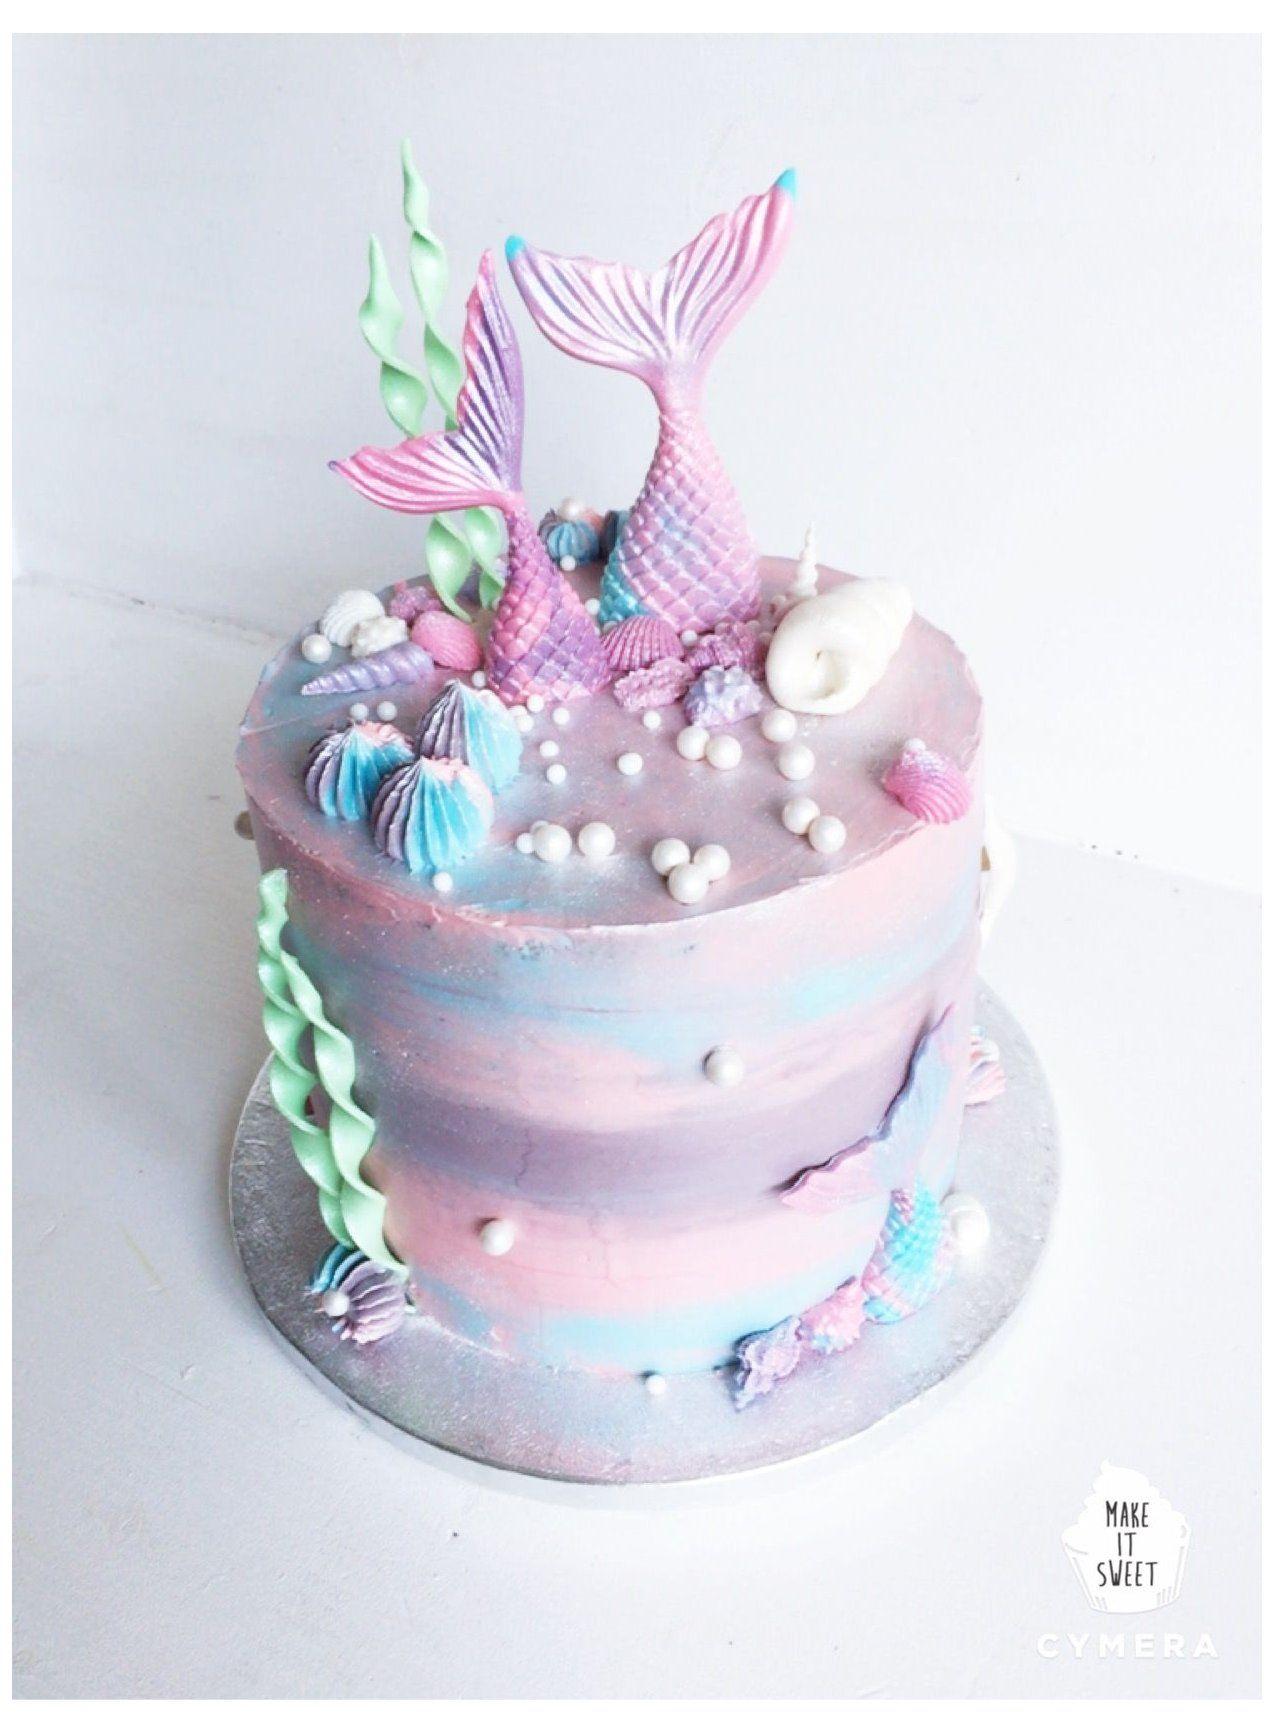 simple mermaid cake design Eine Meerjungfrau-Torte für Mädchen 👧🏼👏🏼 #pink #mermaid #cake